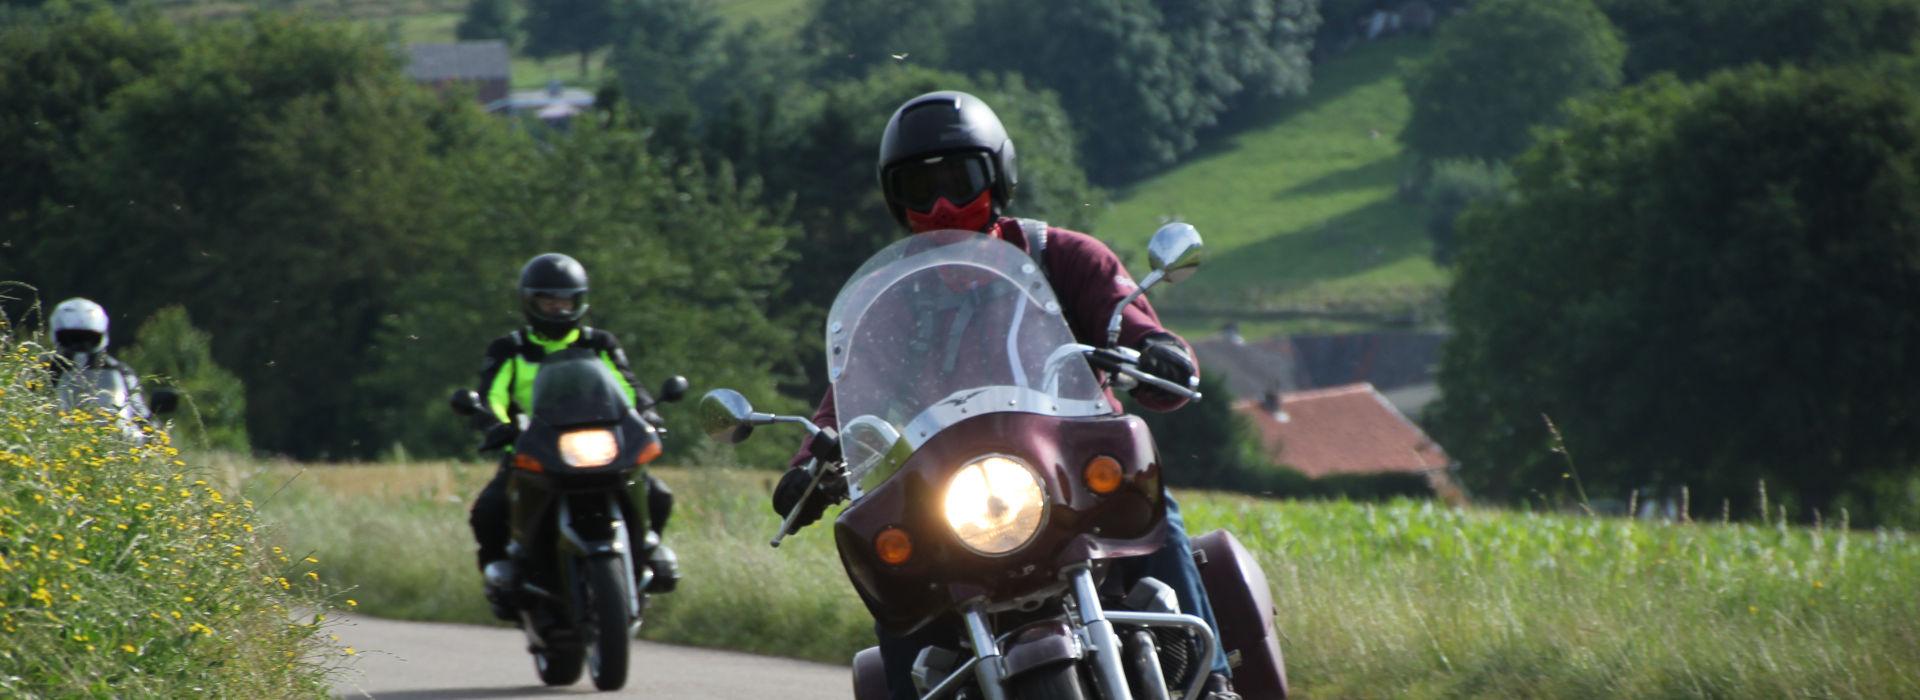 Motorrijbewijspoint Lisse motorrijlessen